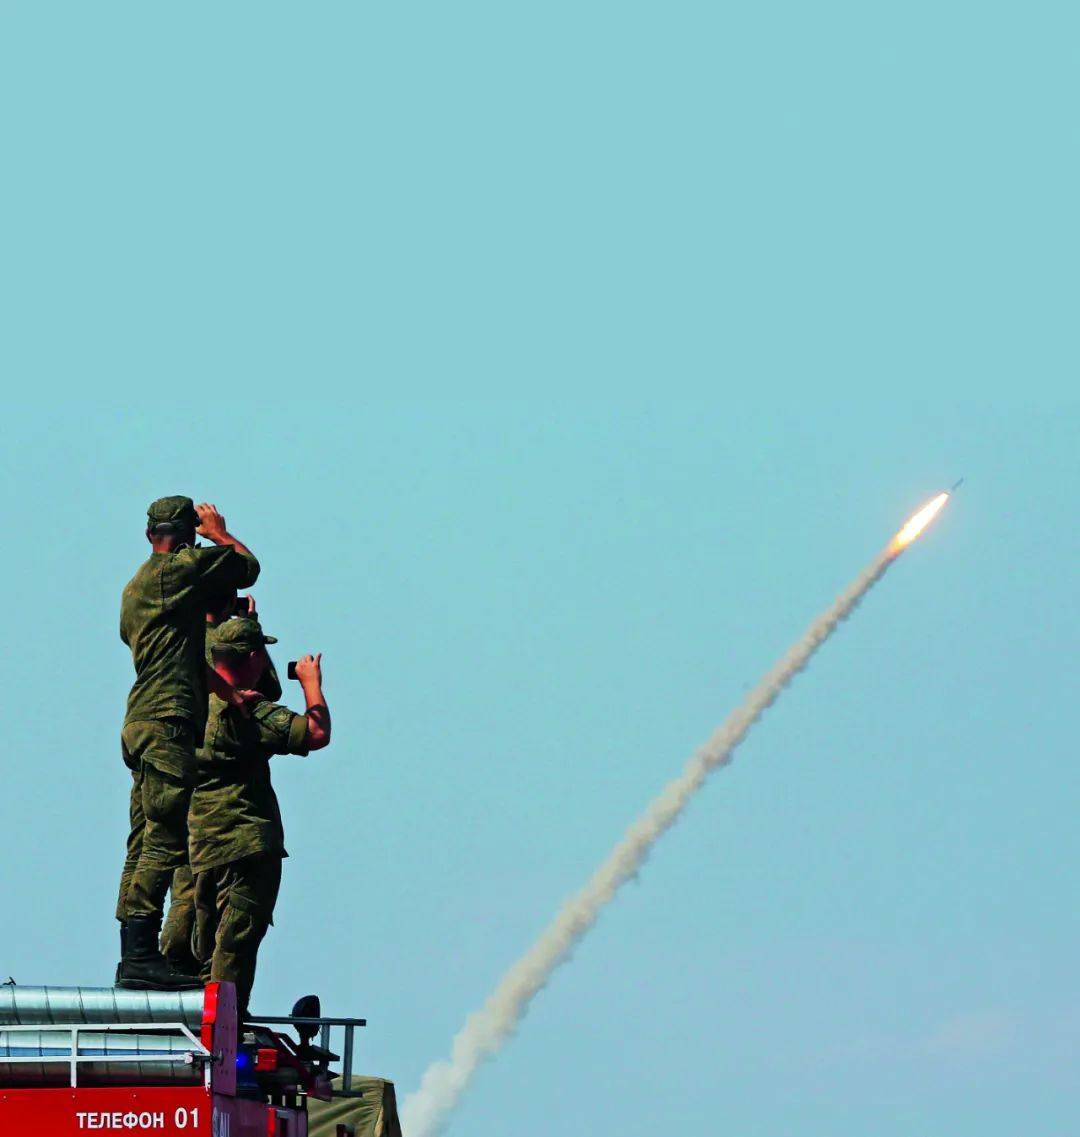 (资料照片)俄罗斯军事人员观看S-300防空导弹系统发射导弹。图/路透